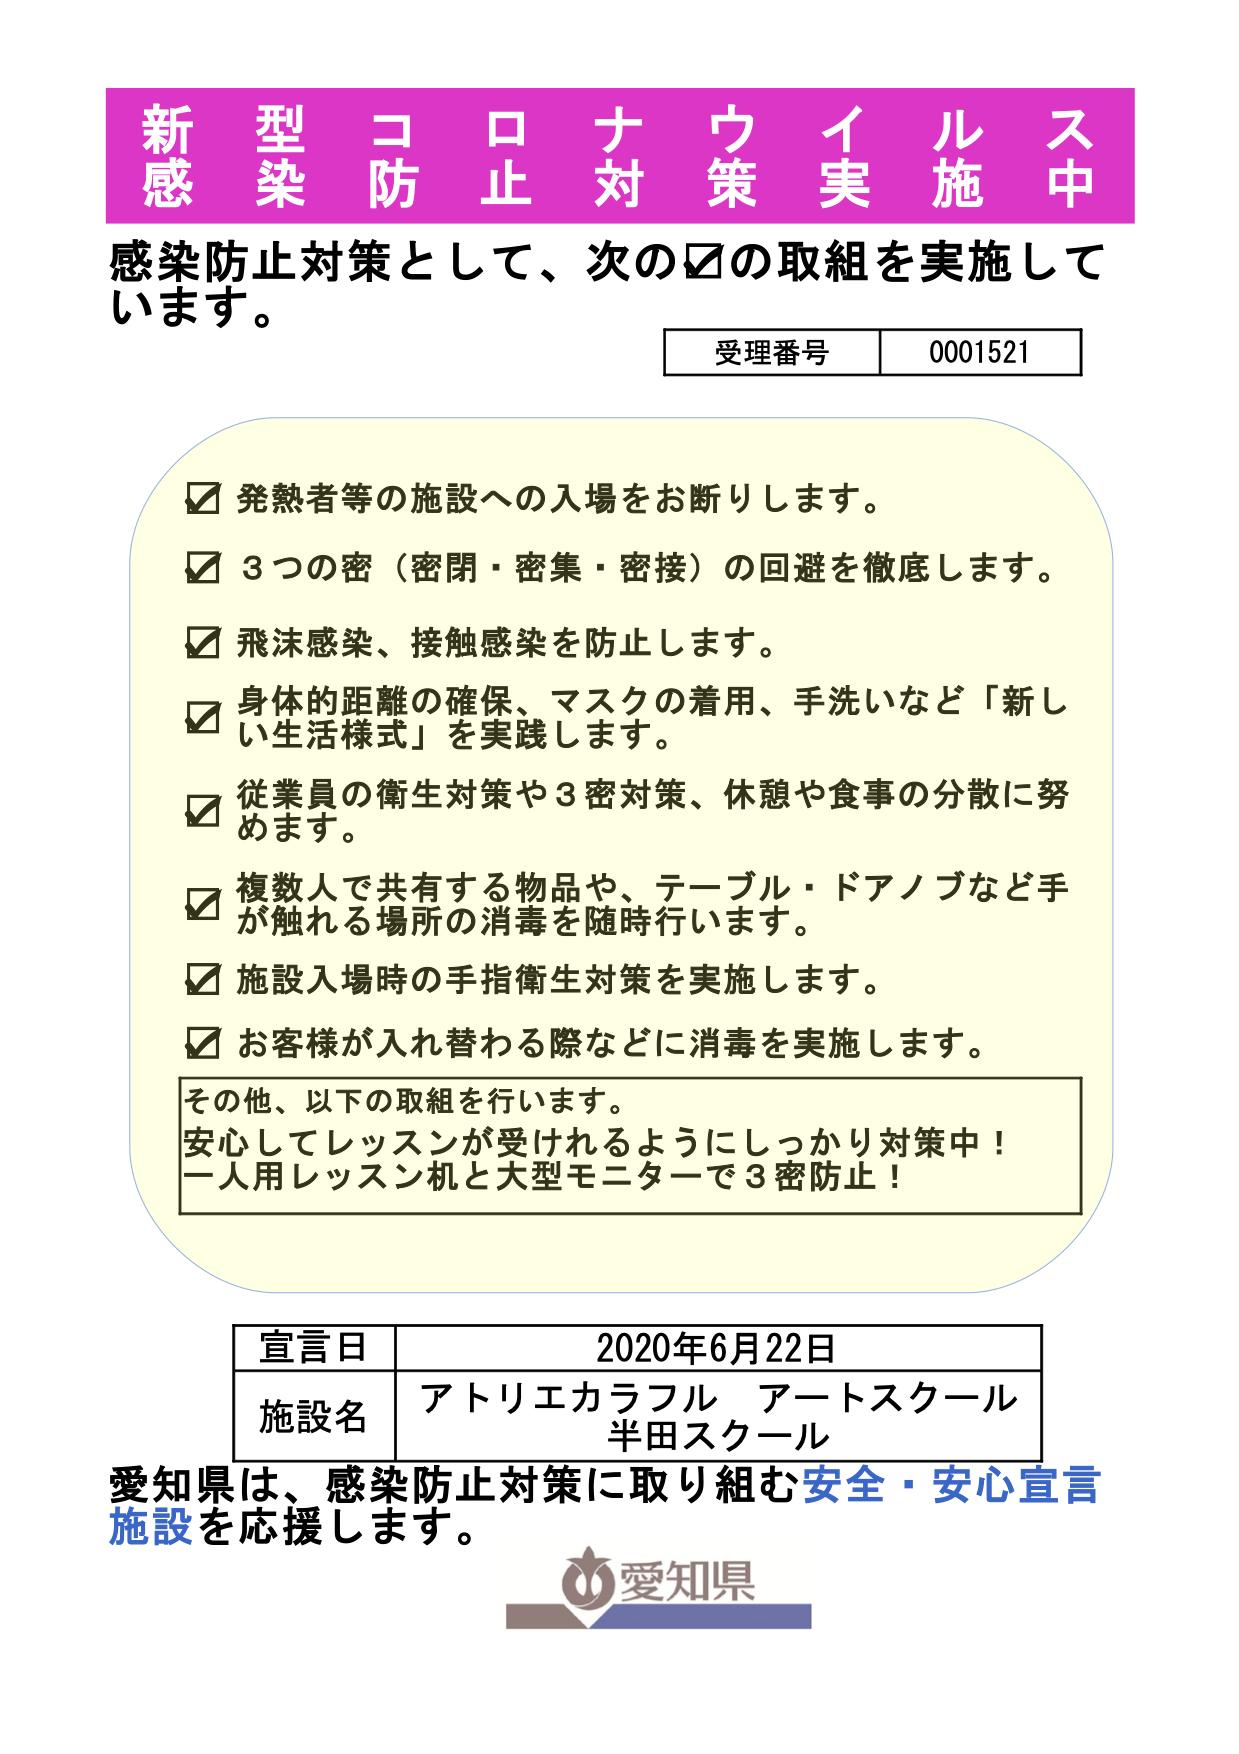 愛知県より「安心・安全宣言施設」のPRポスター・ステッカーが届きました。 イメージ画像